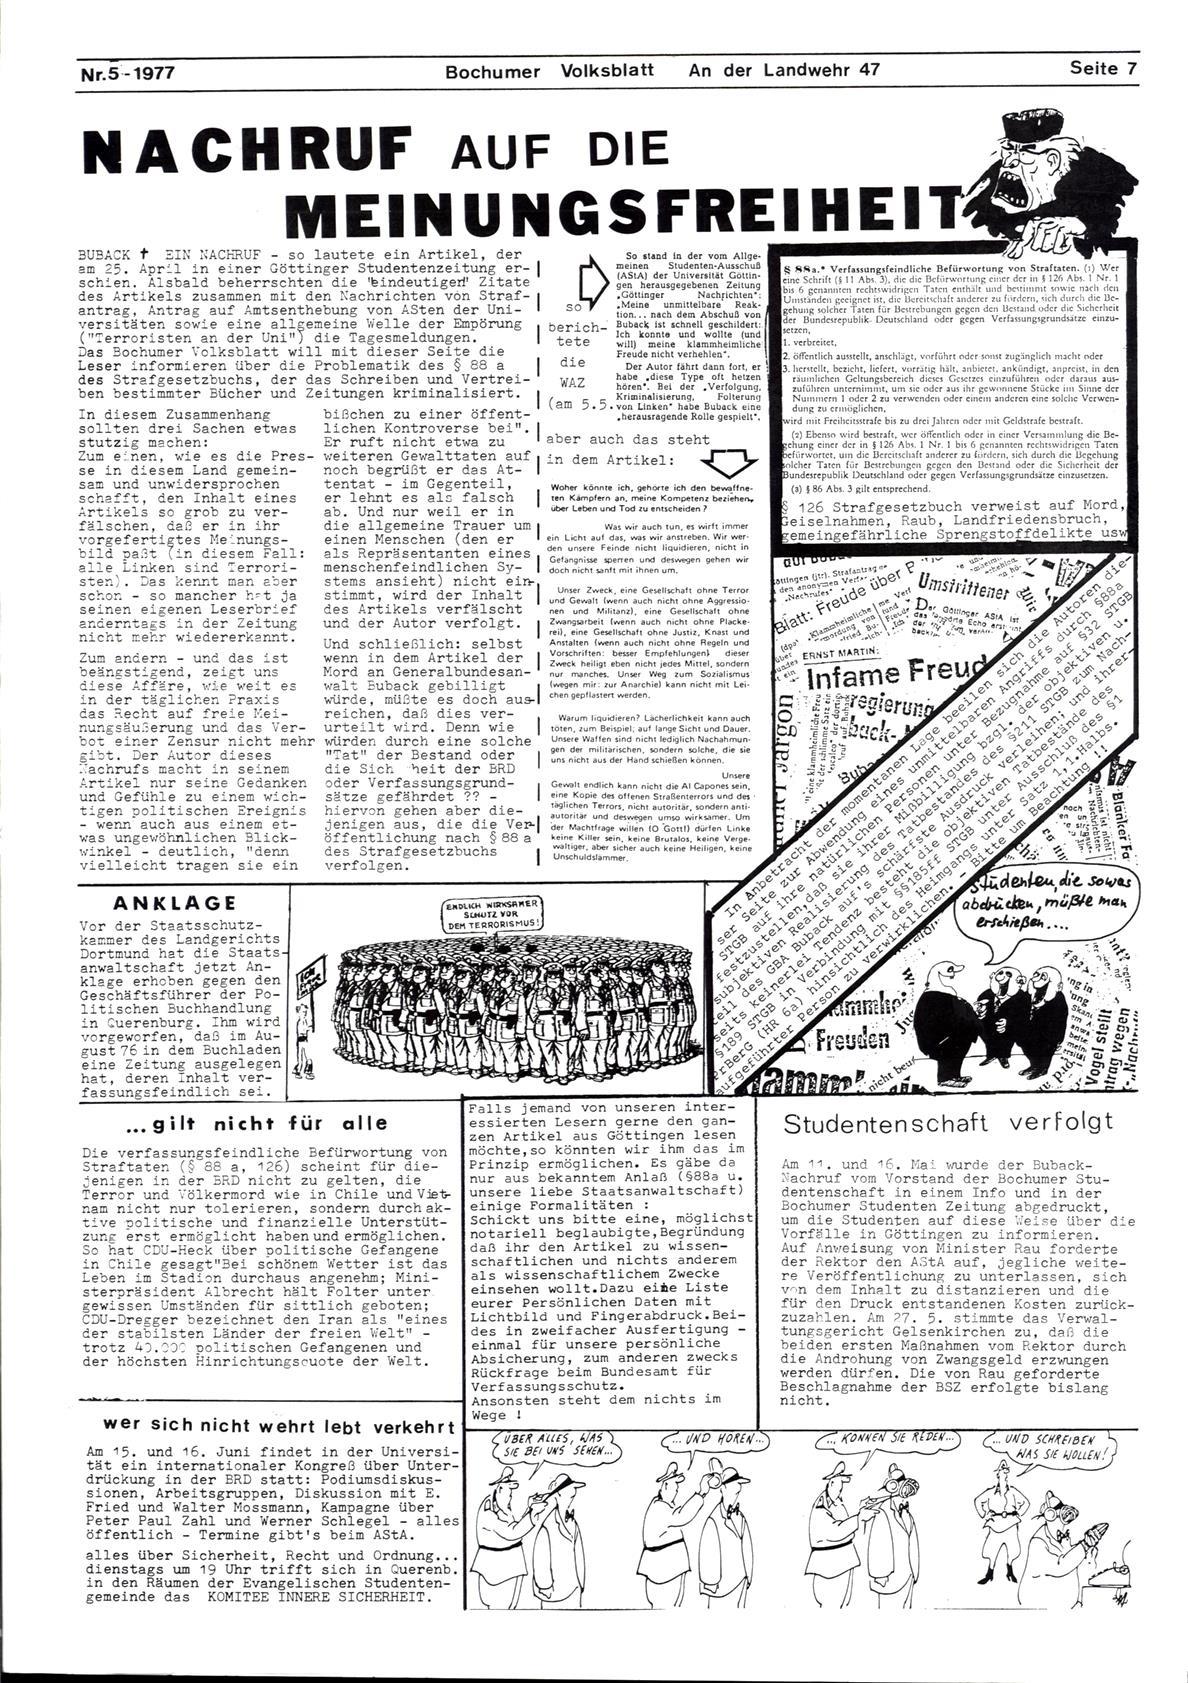 Bochum_Volksblatt_19770600_05_07